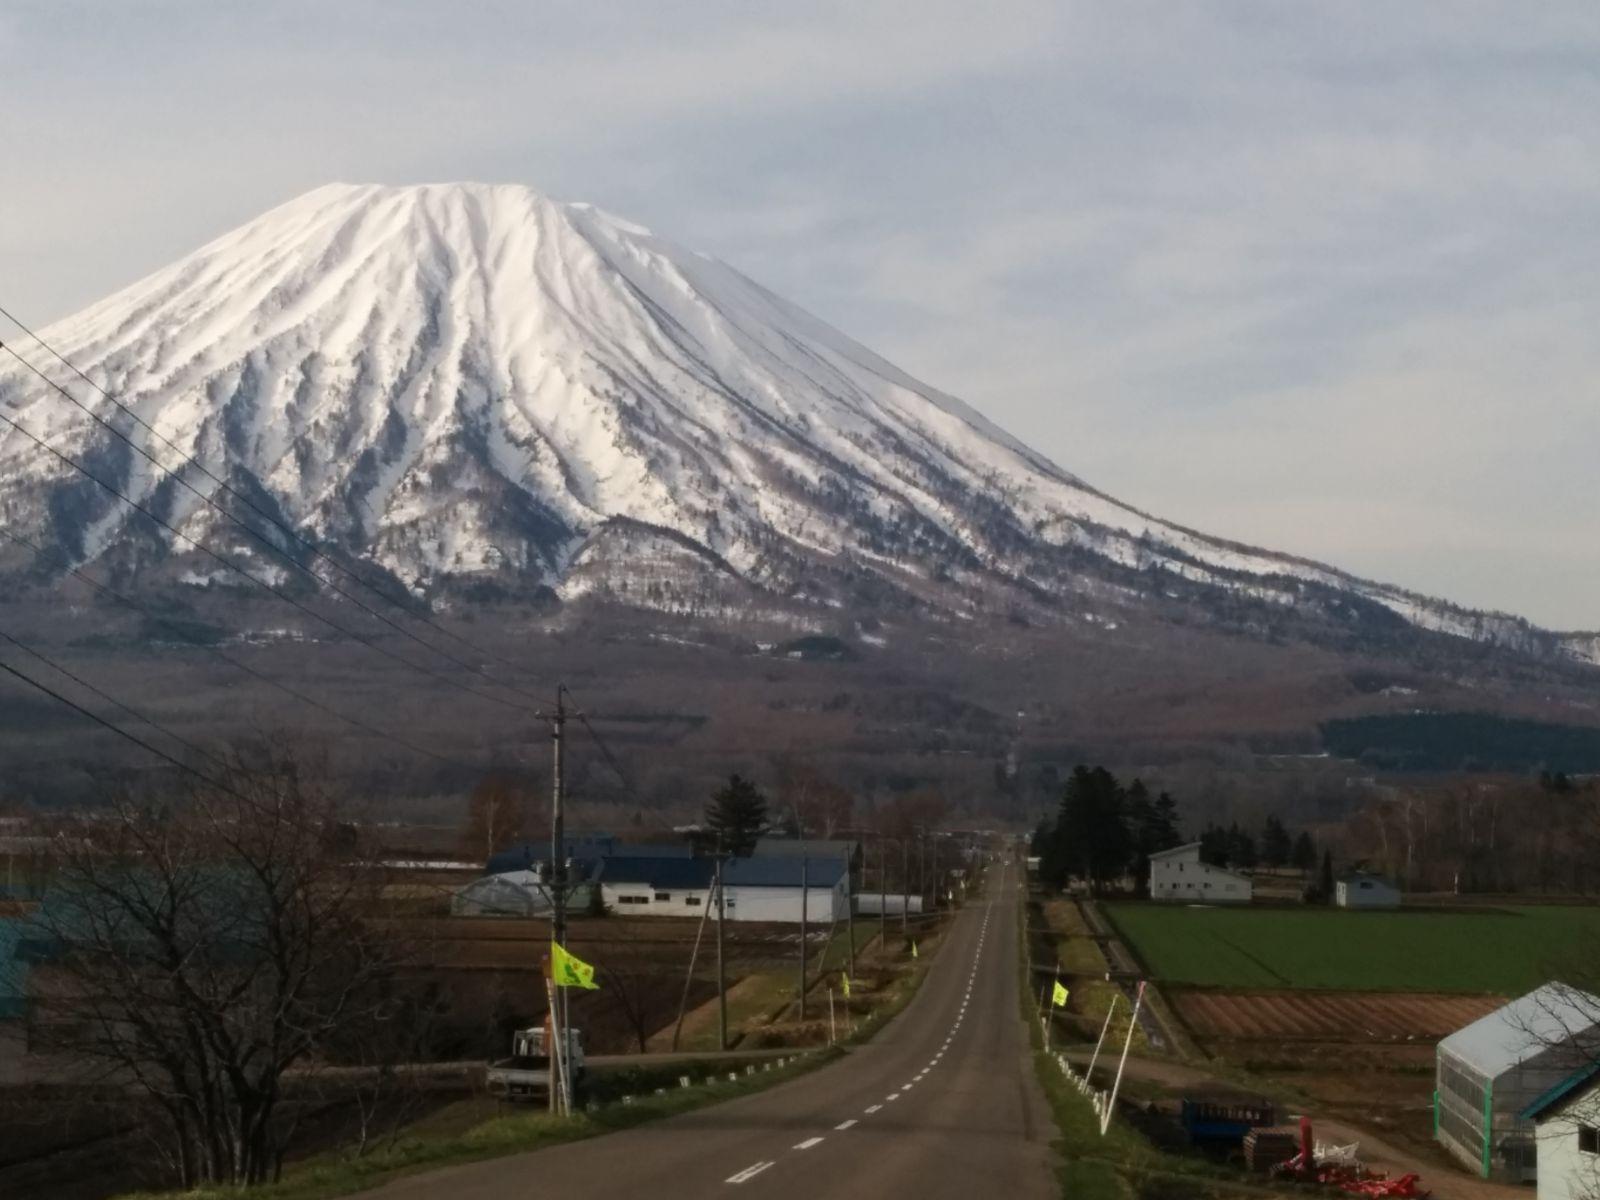 【倶知安町】蝦夷富士羊蹄山と直線道路観光案内です。